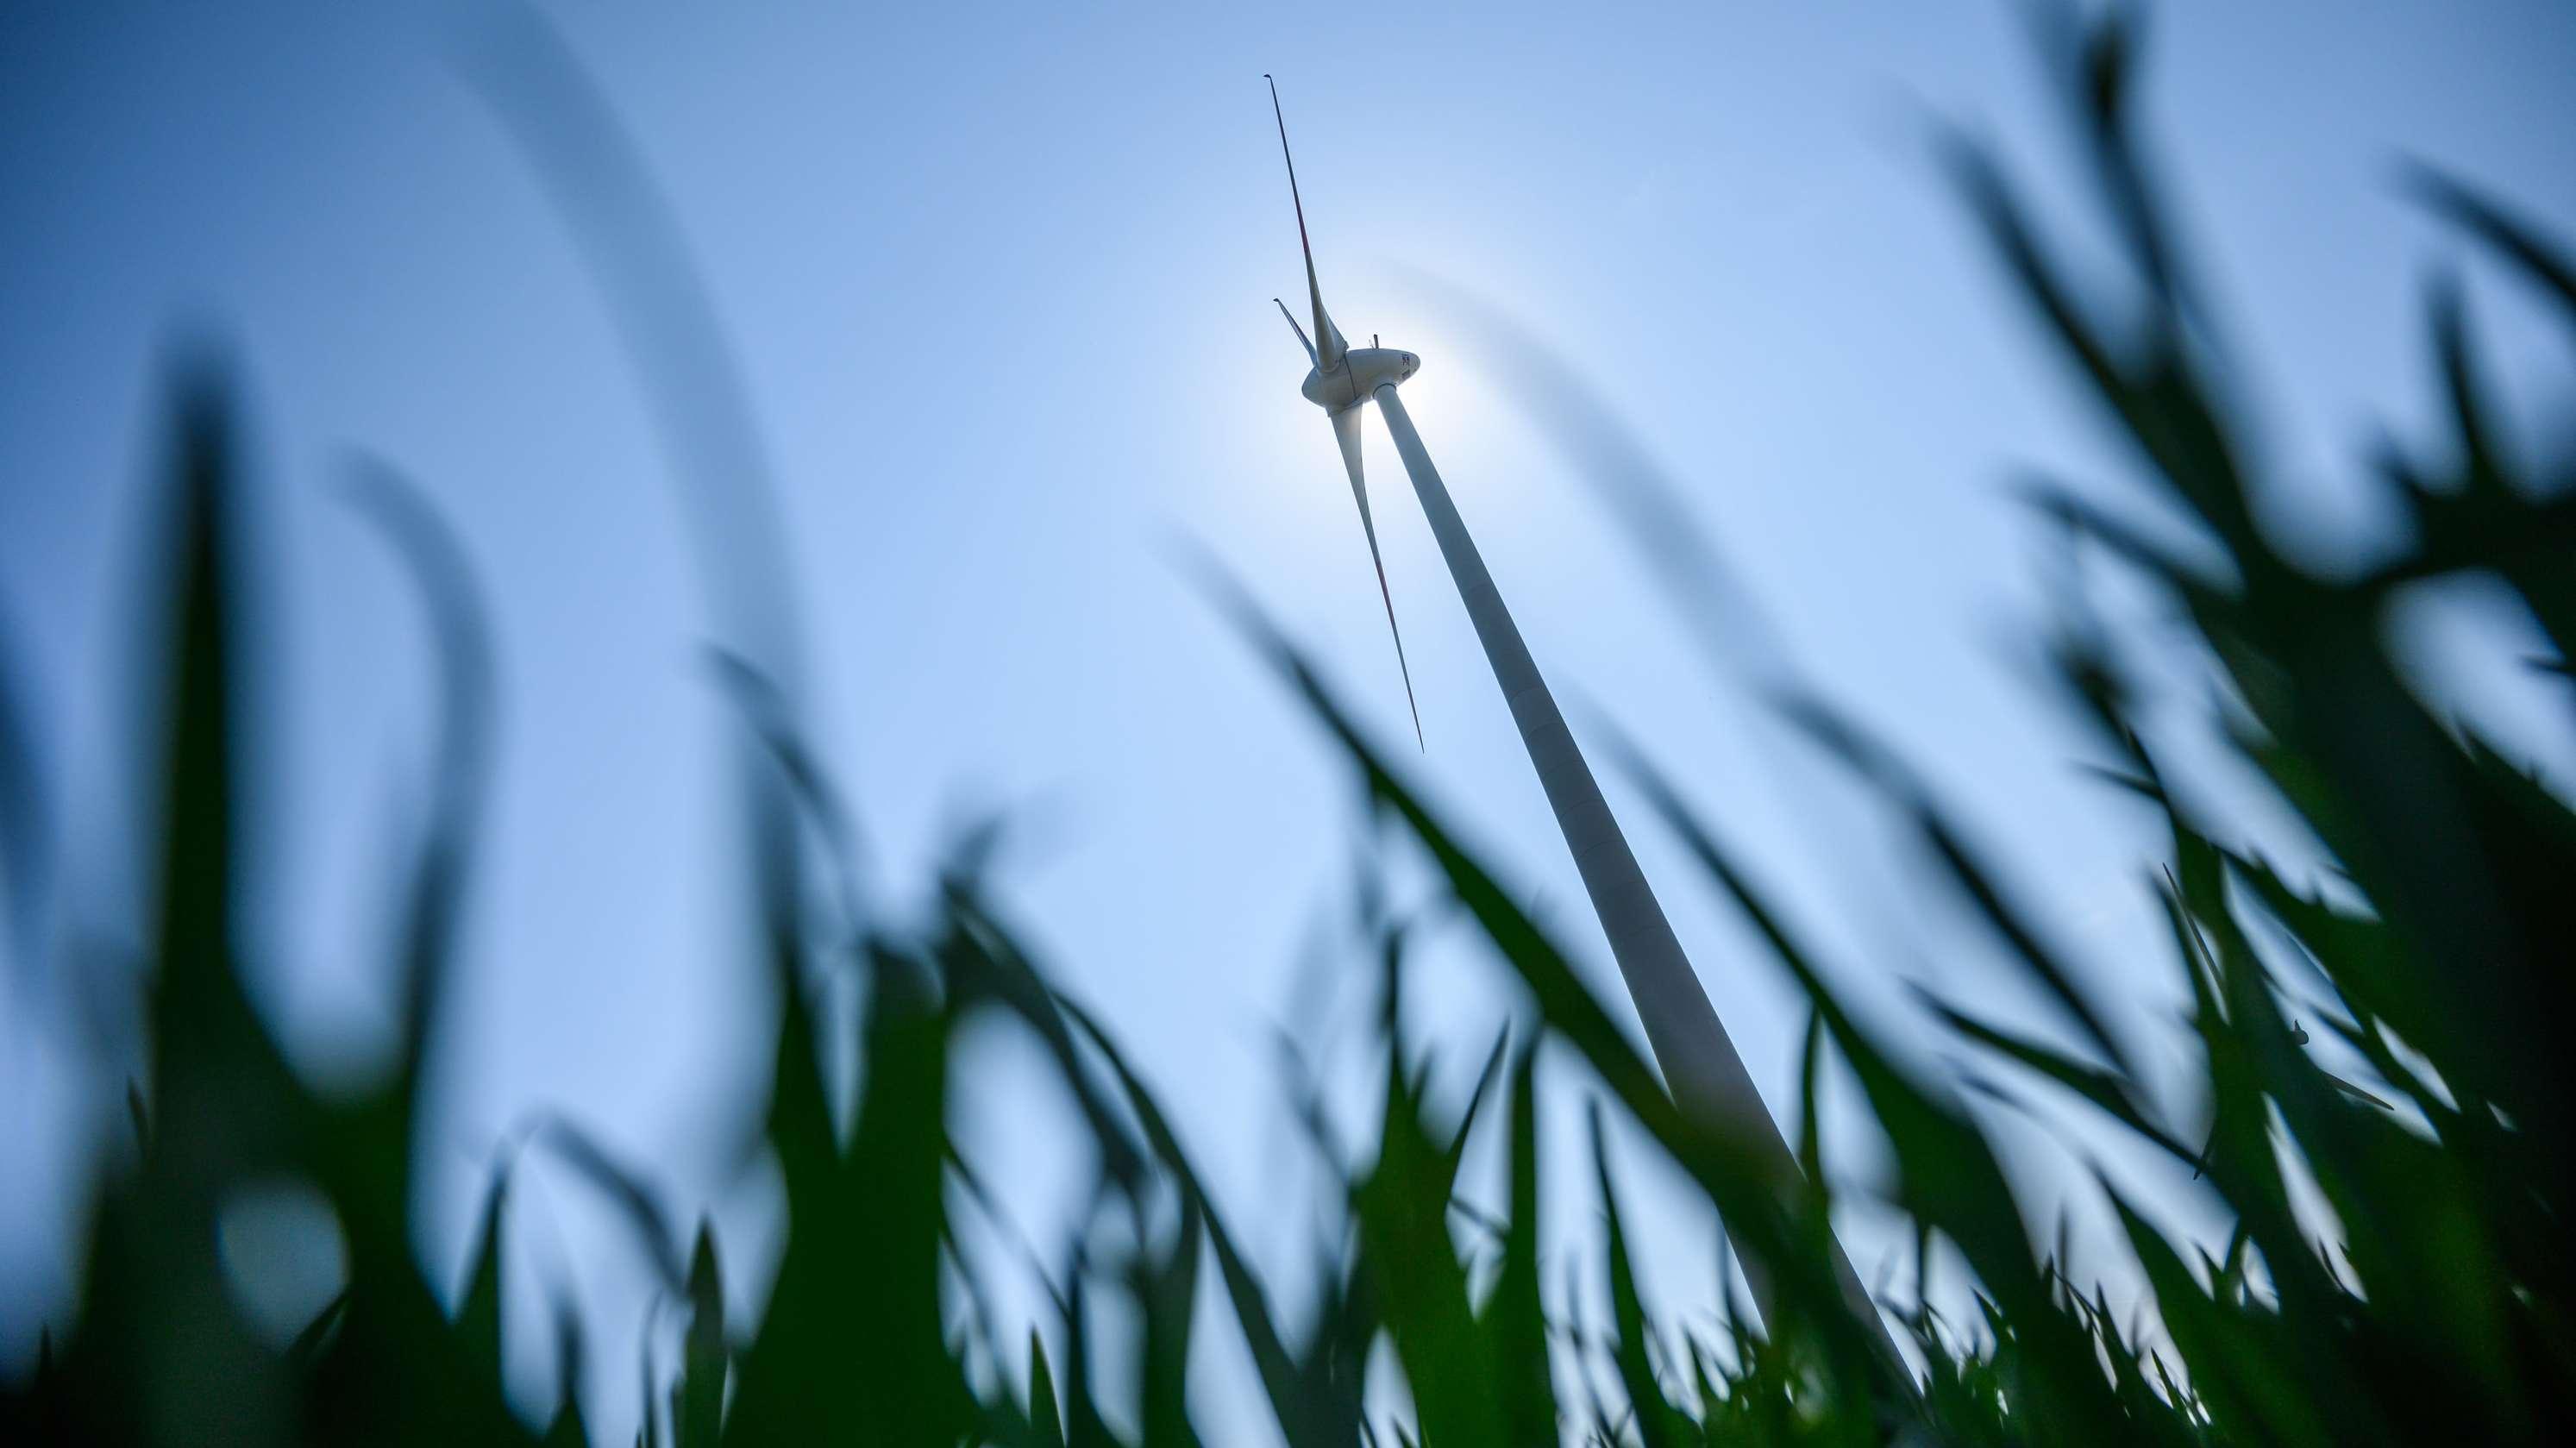 Hinter grünen Gräsern auf einem Feld steht ein Windrad